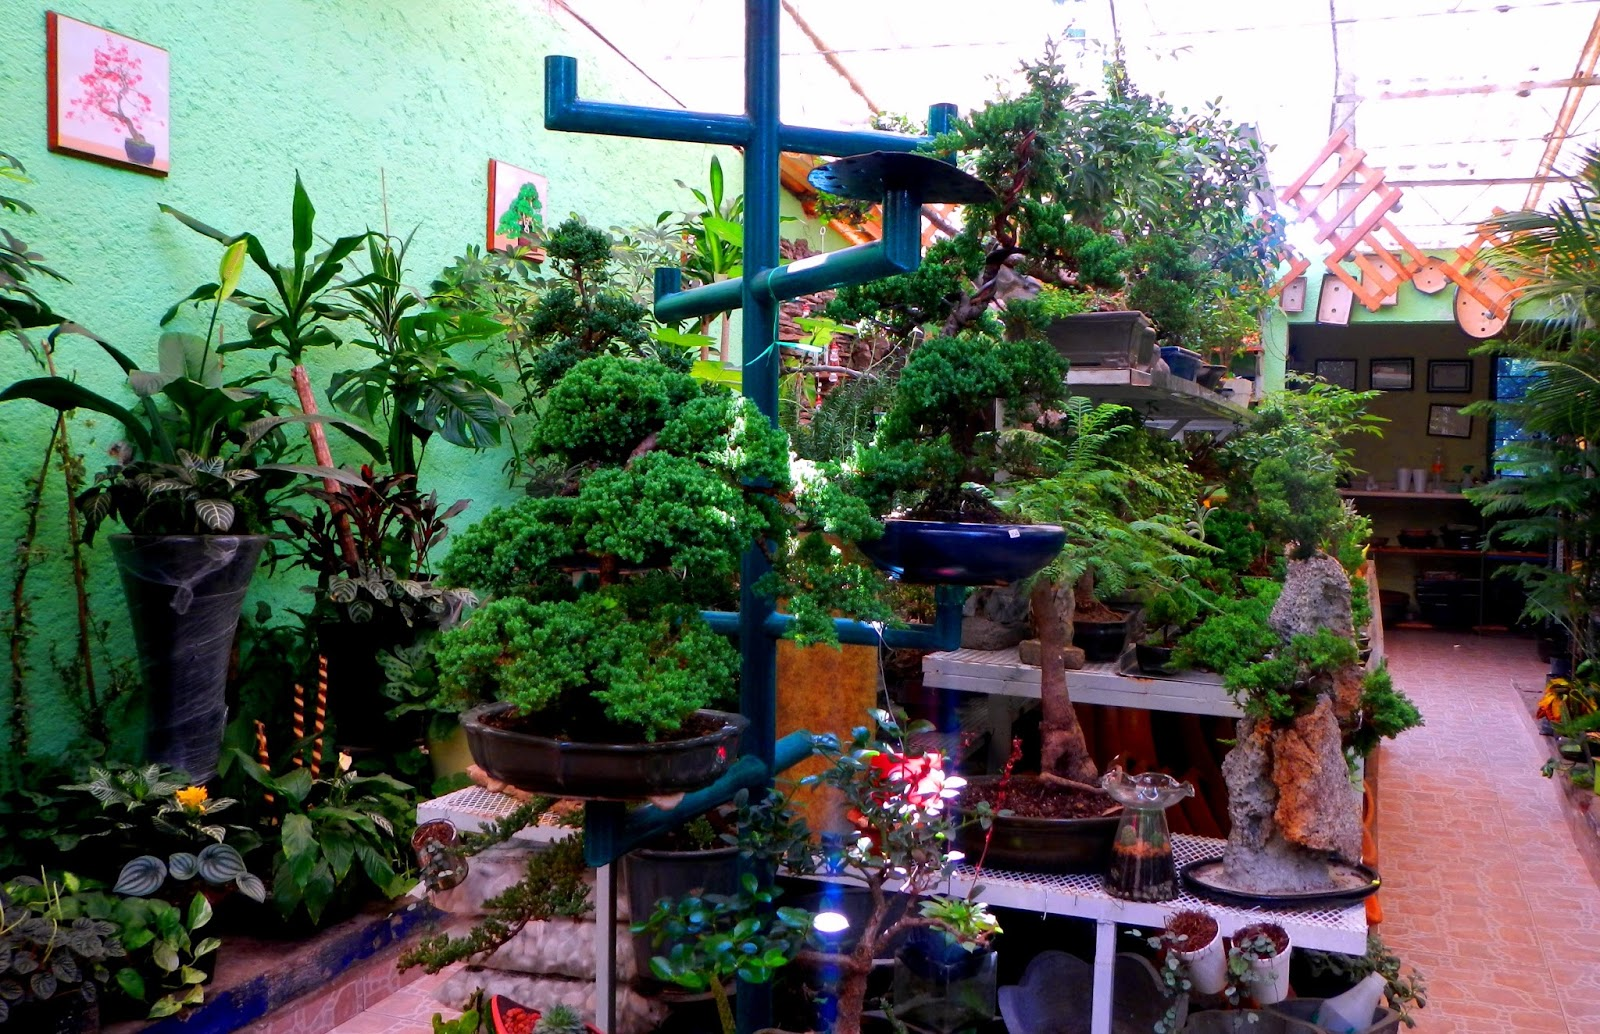 Mercado de plantas viveros de coyoac n heriberto el conejo for Viveros de plantas